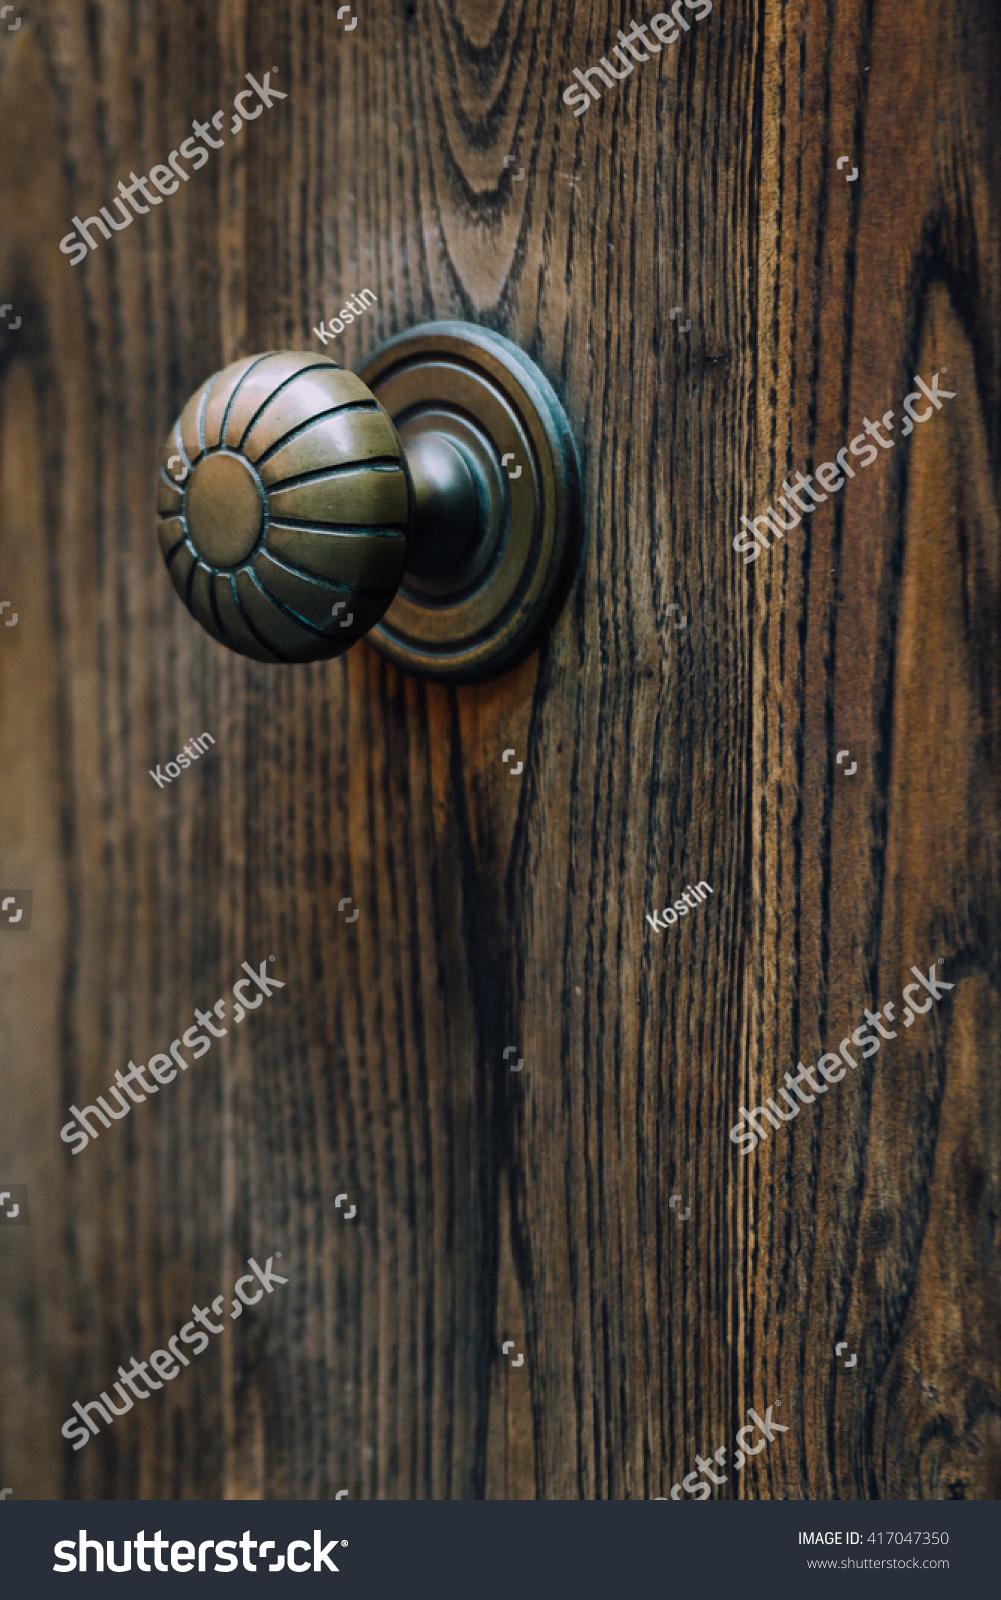 Vintage Door Knob On Old Wooden Stock Photo 417047350 - Shutterstock